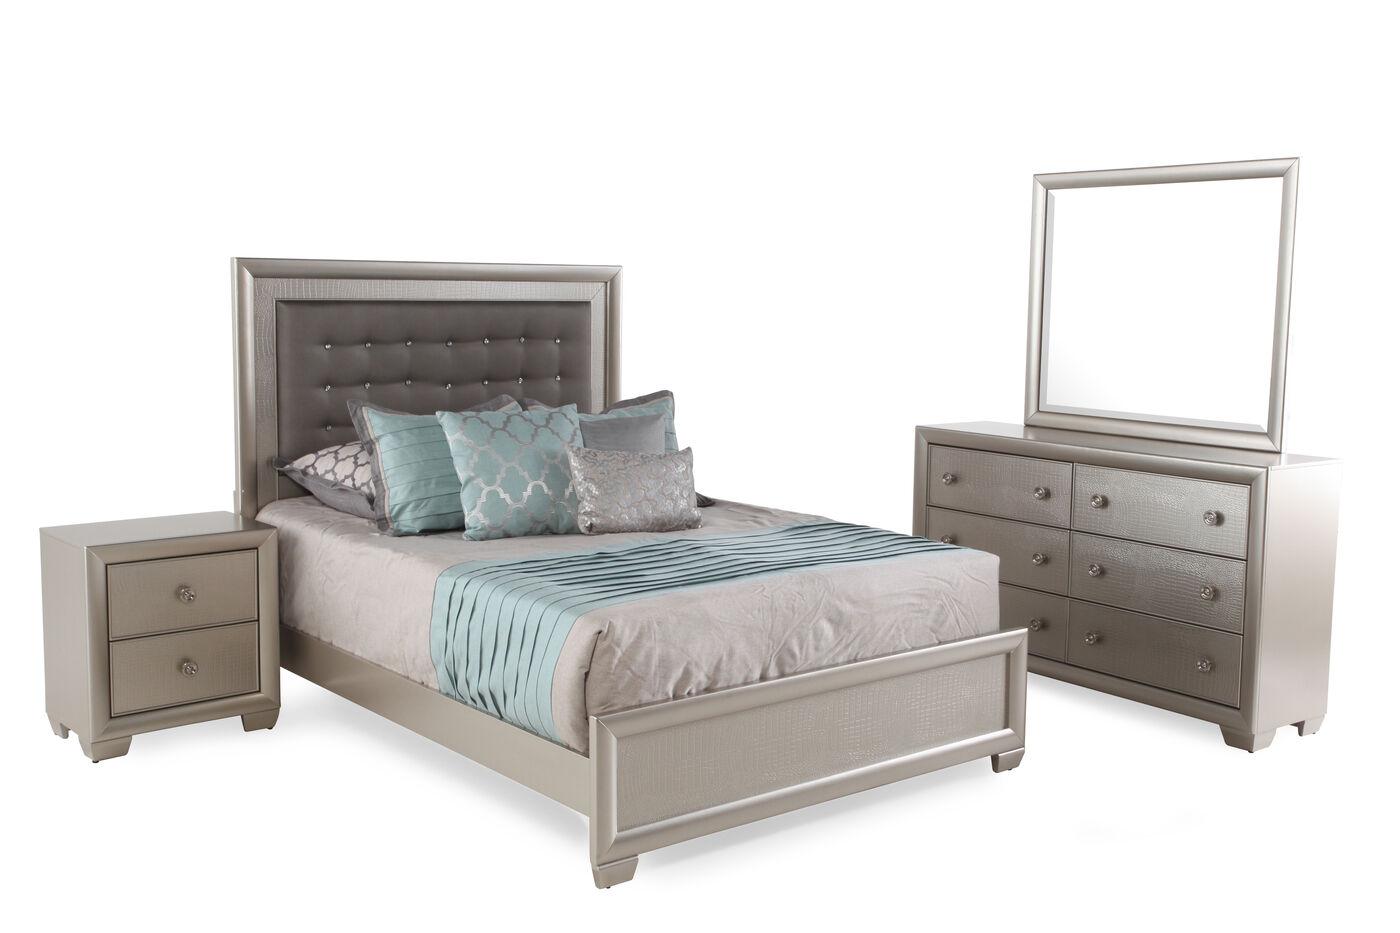 Bedroom Sets Tulsa furniture deals | mathis brothers furniture